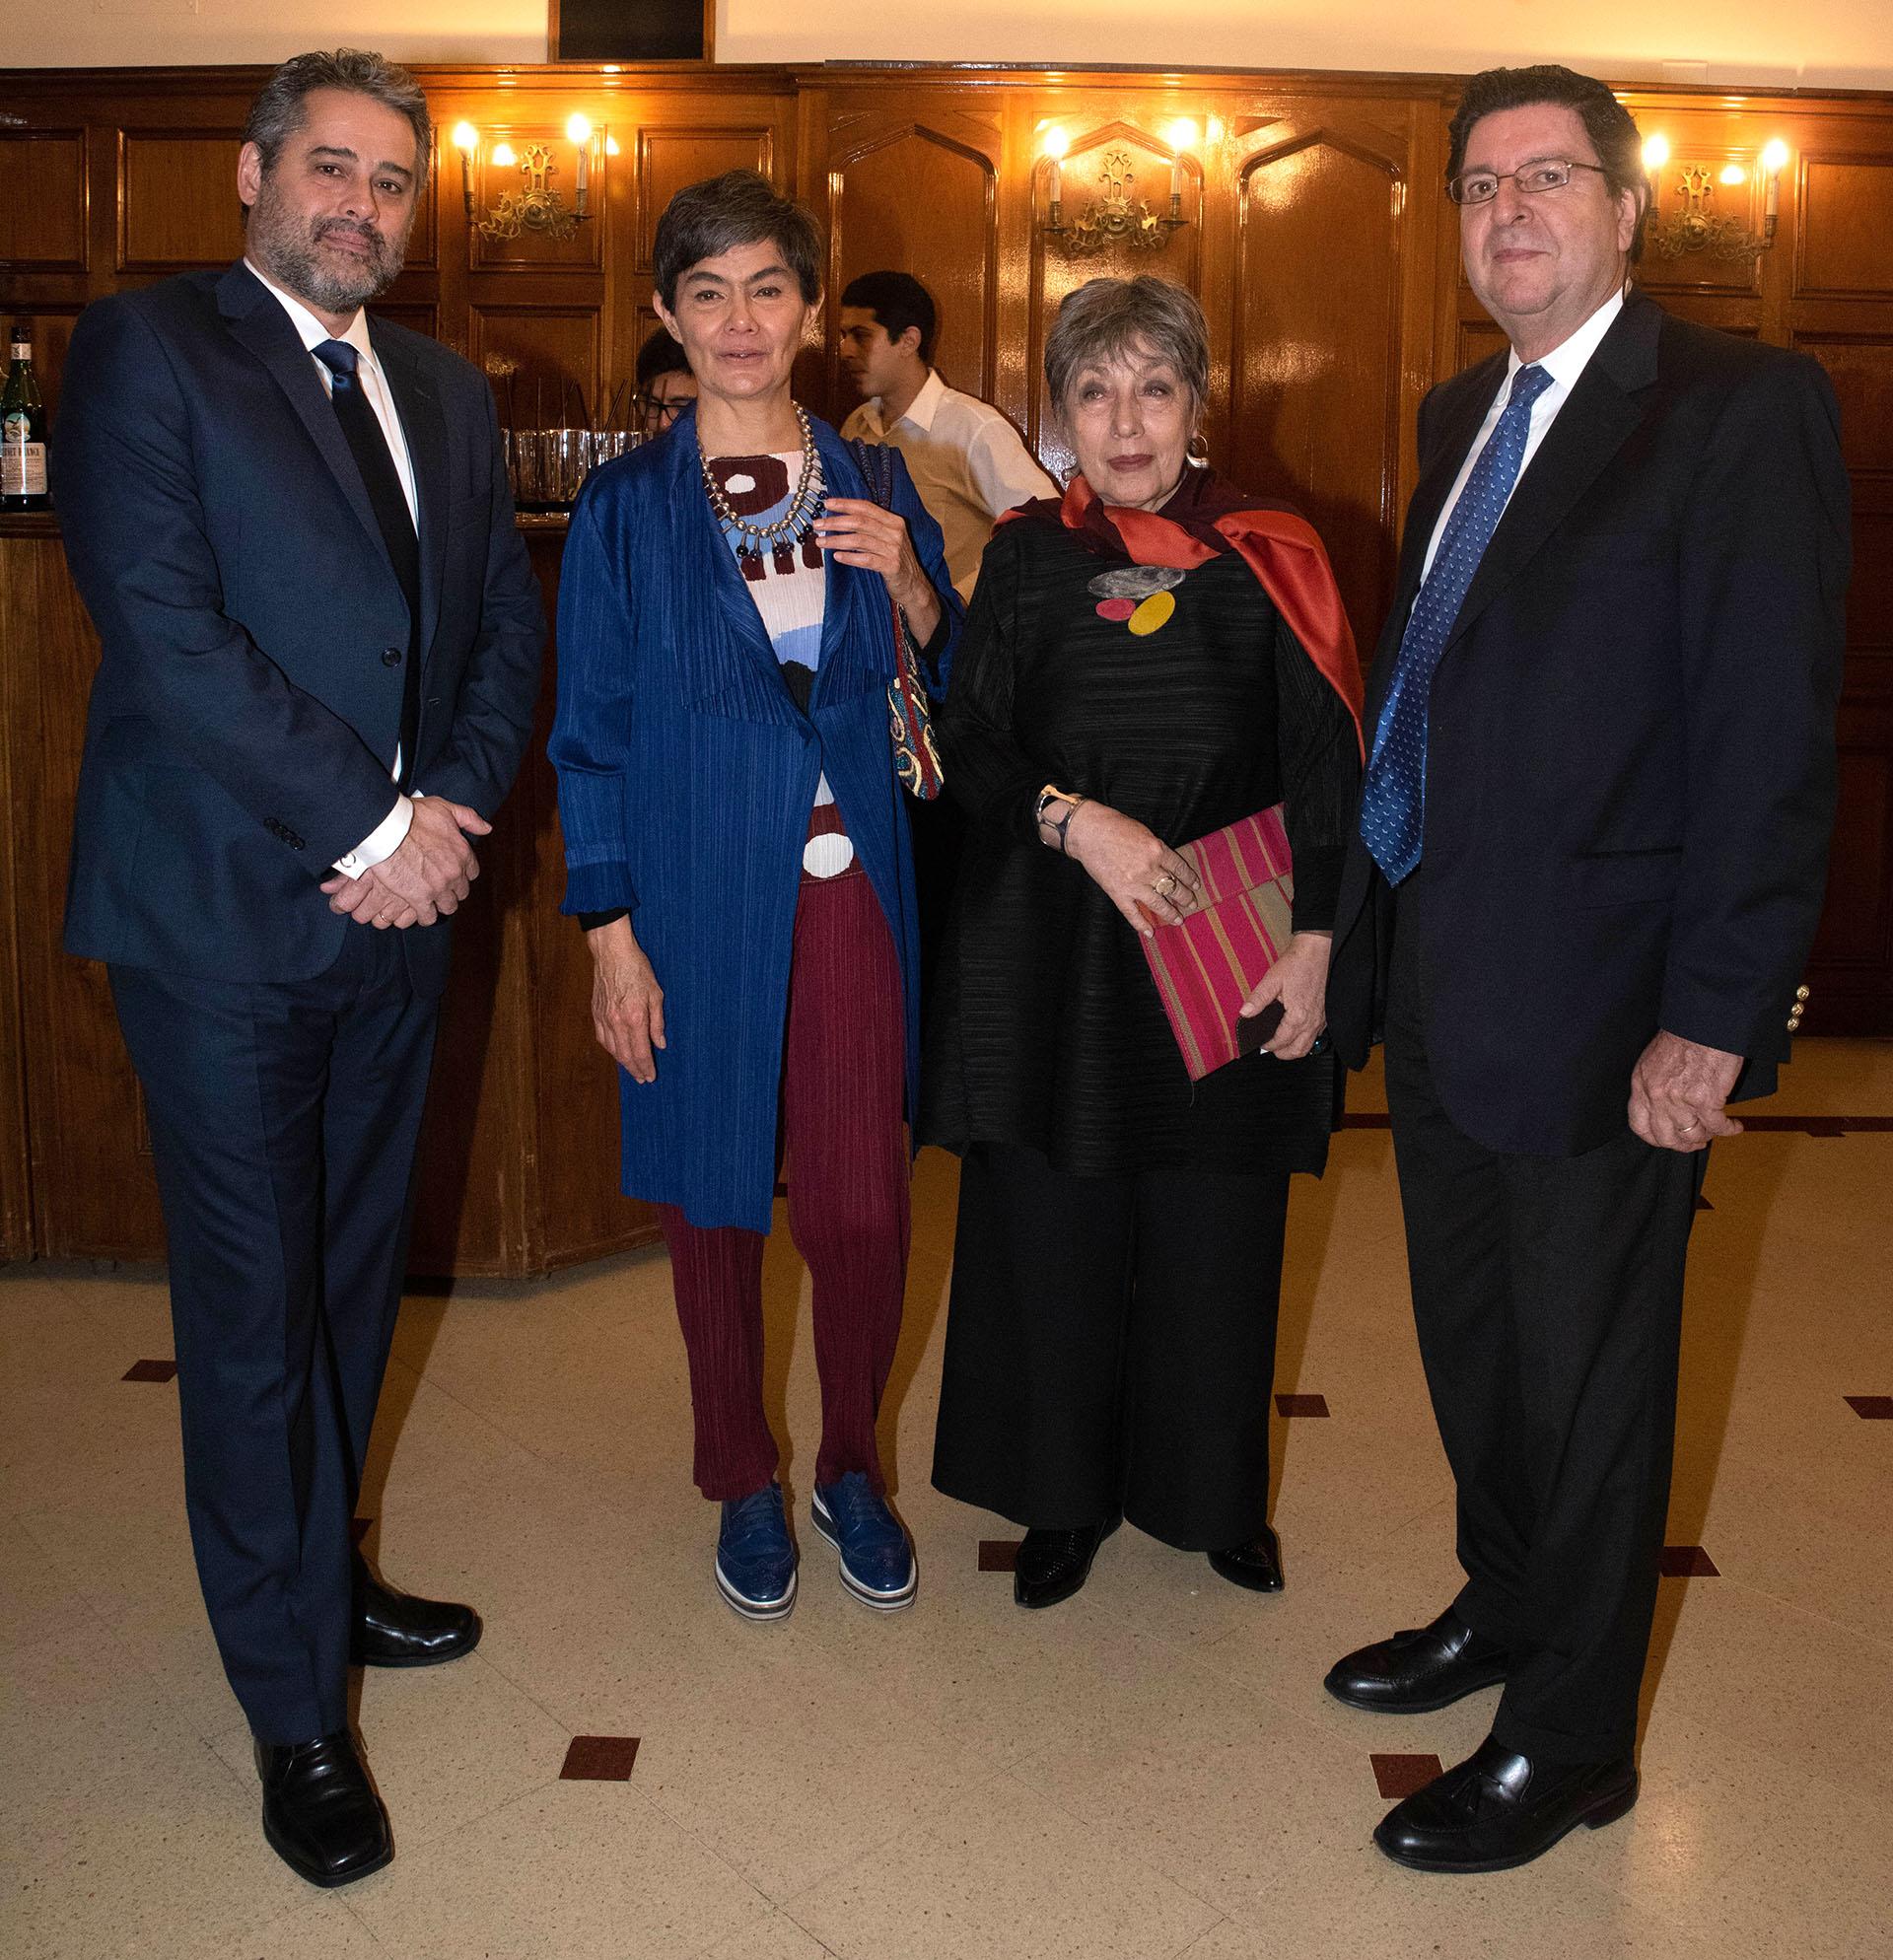 Heber Martínez, director de Enacom; María Eugenia Estenssoro, ex senadora de la Nación; Norma Morandini, periodista y ex legisladora; Oscar Zabalaga, titular del Directorio del Enacom